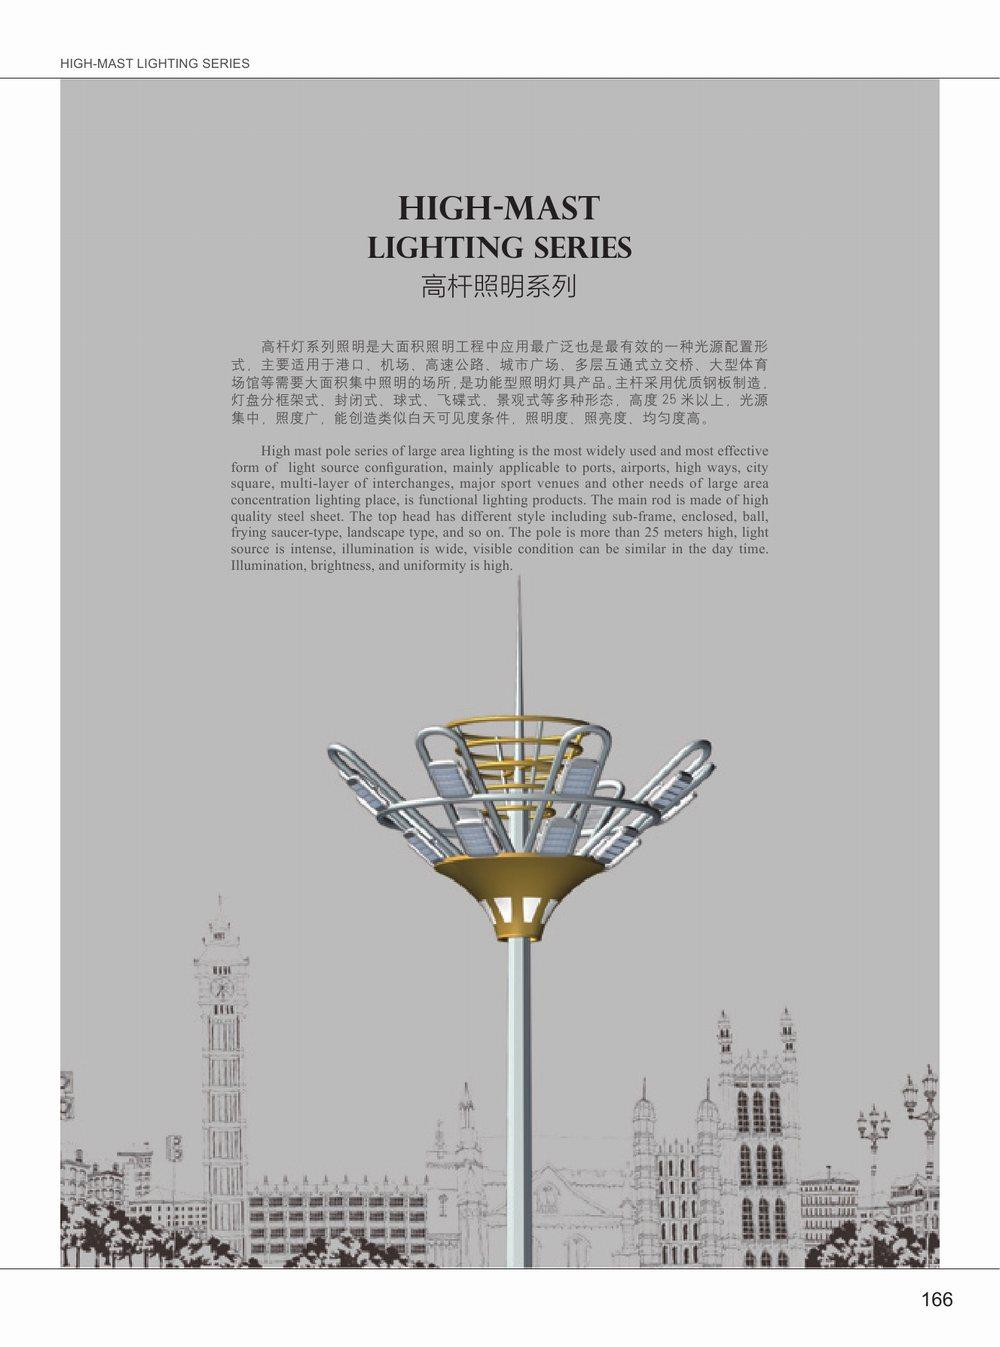 高杆照明系列-001